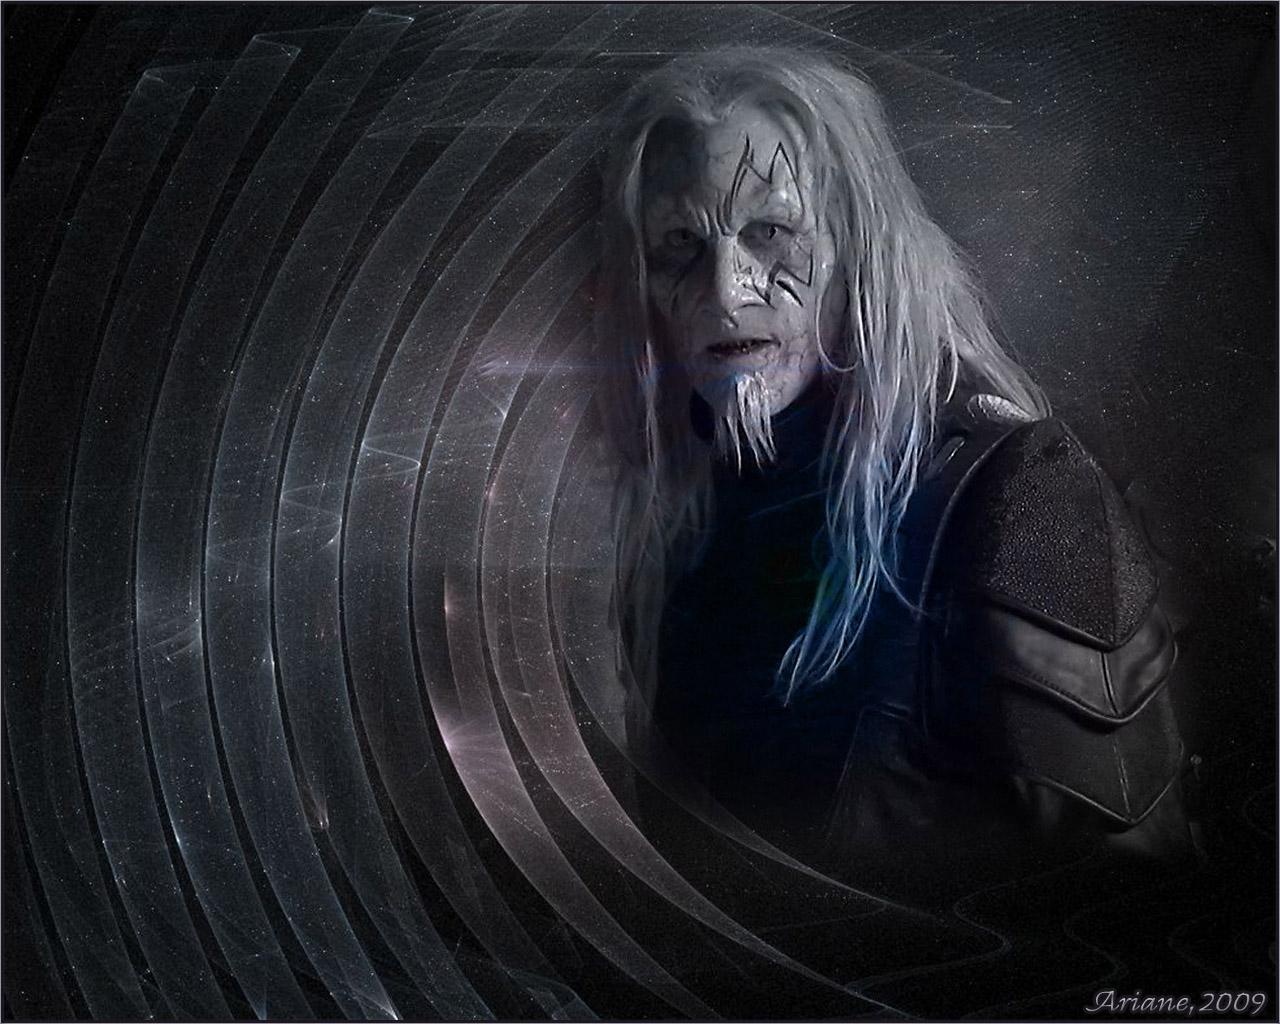 Stargate Atlantis – So Obsessed